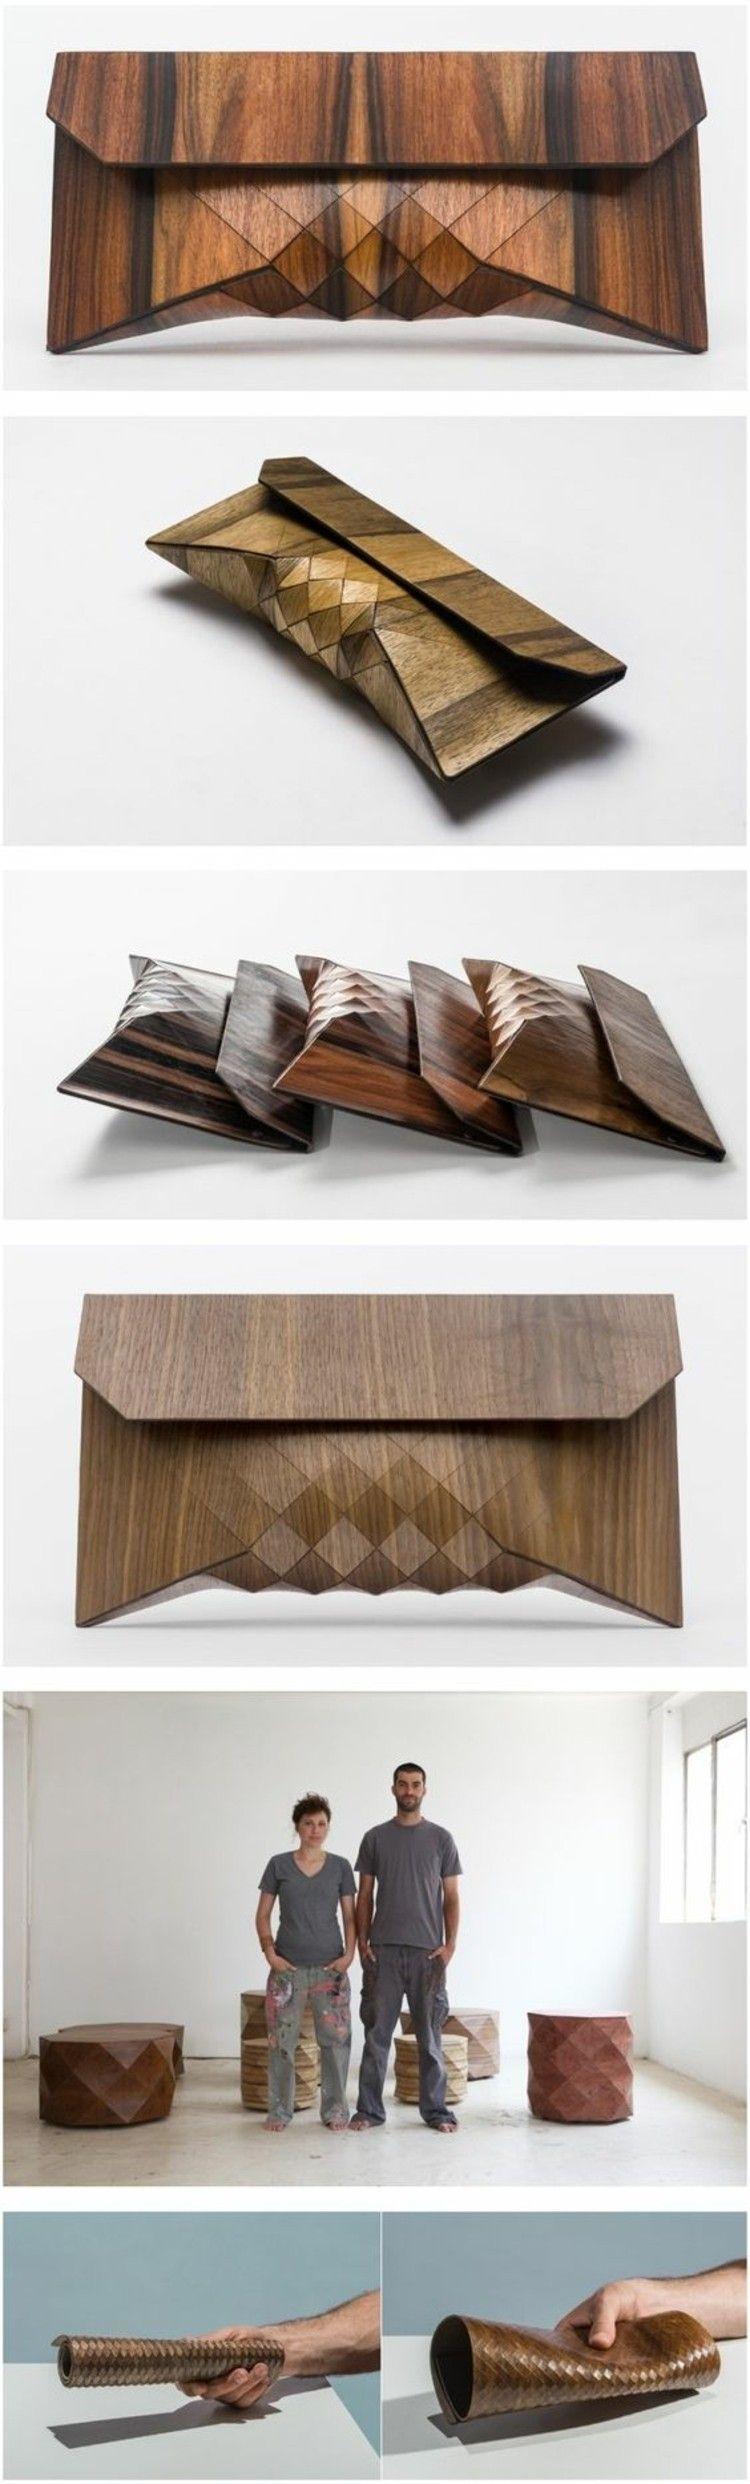 Möbel aus Furnier: Vor- und Nachteile | CNC and Woods